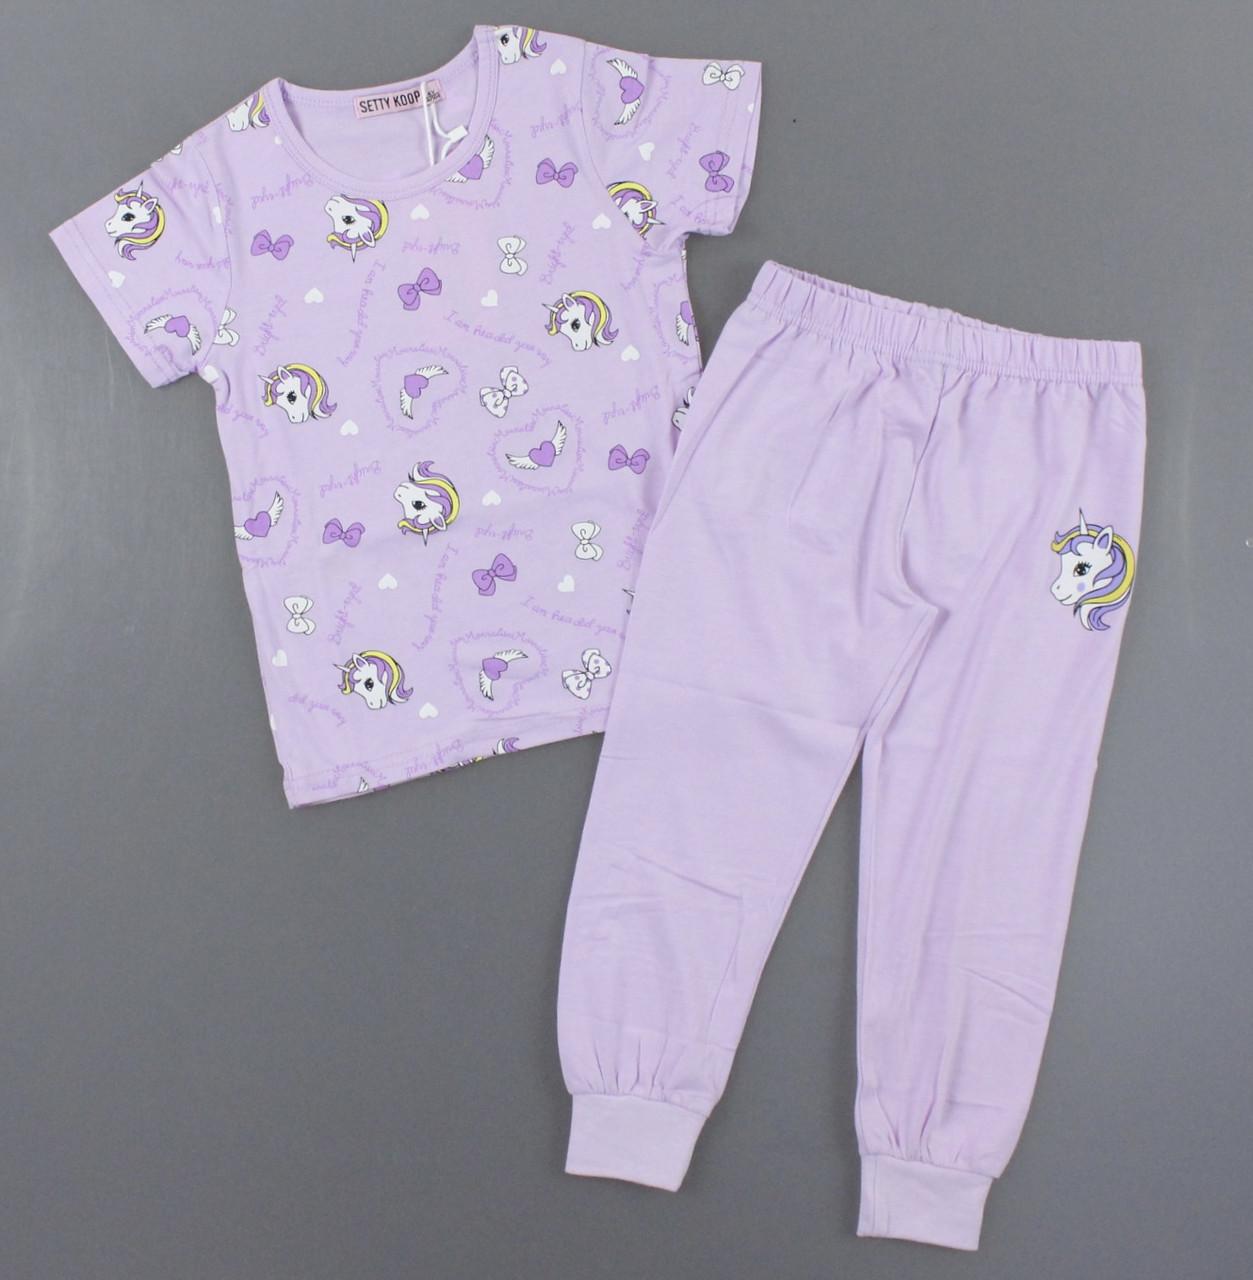 Пижама для девочек Setty Koop, 4-12 лет. Артикул: FR1078-сирень [6 лет]